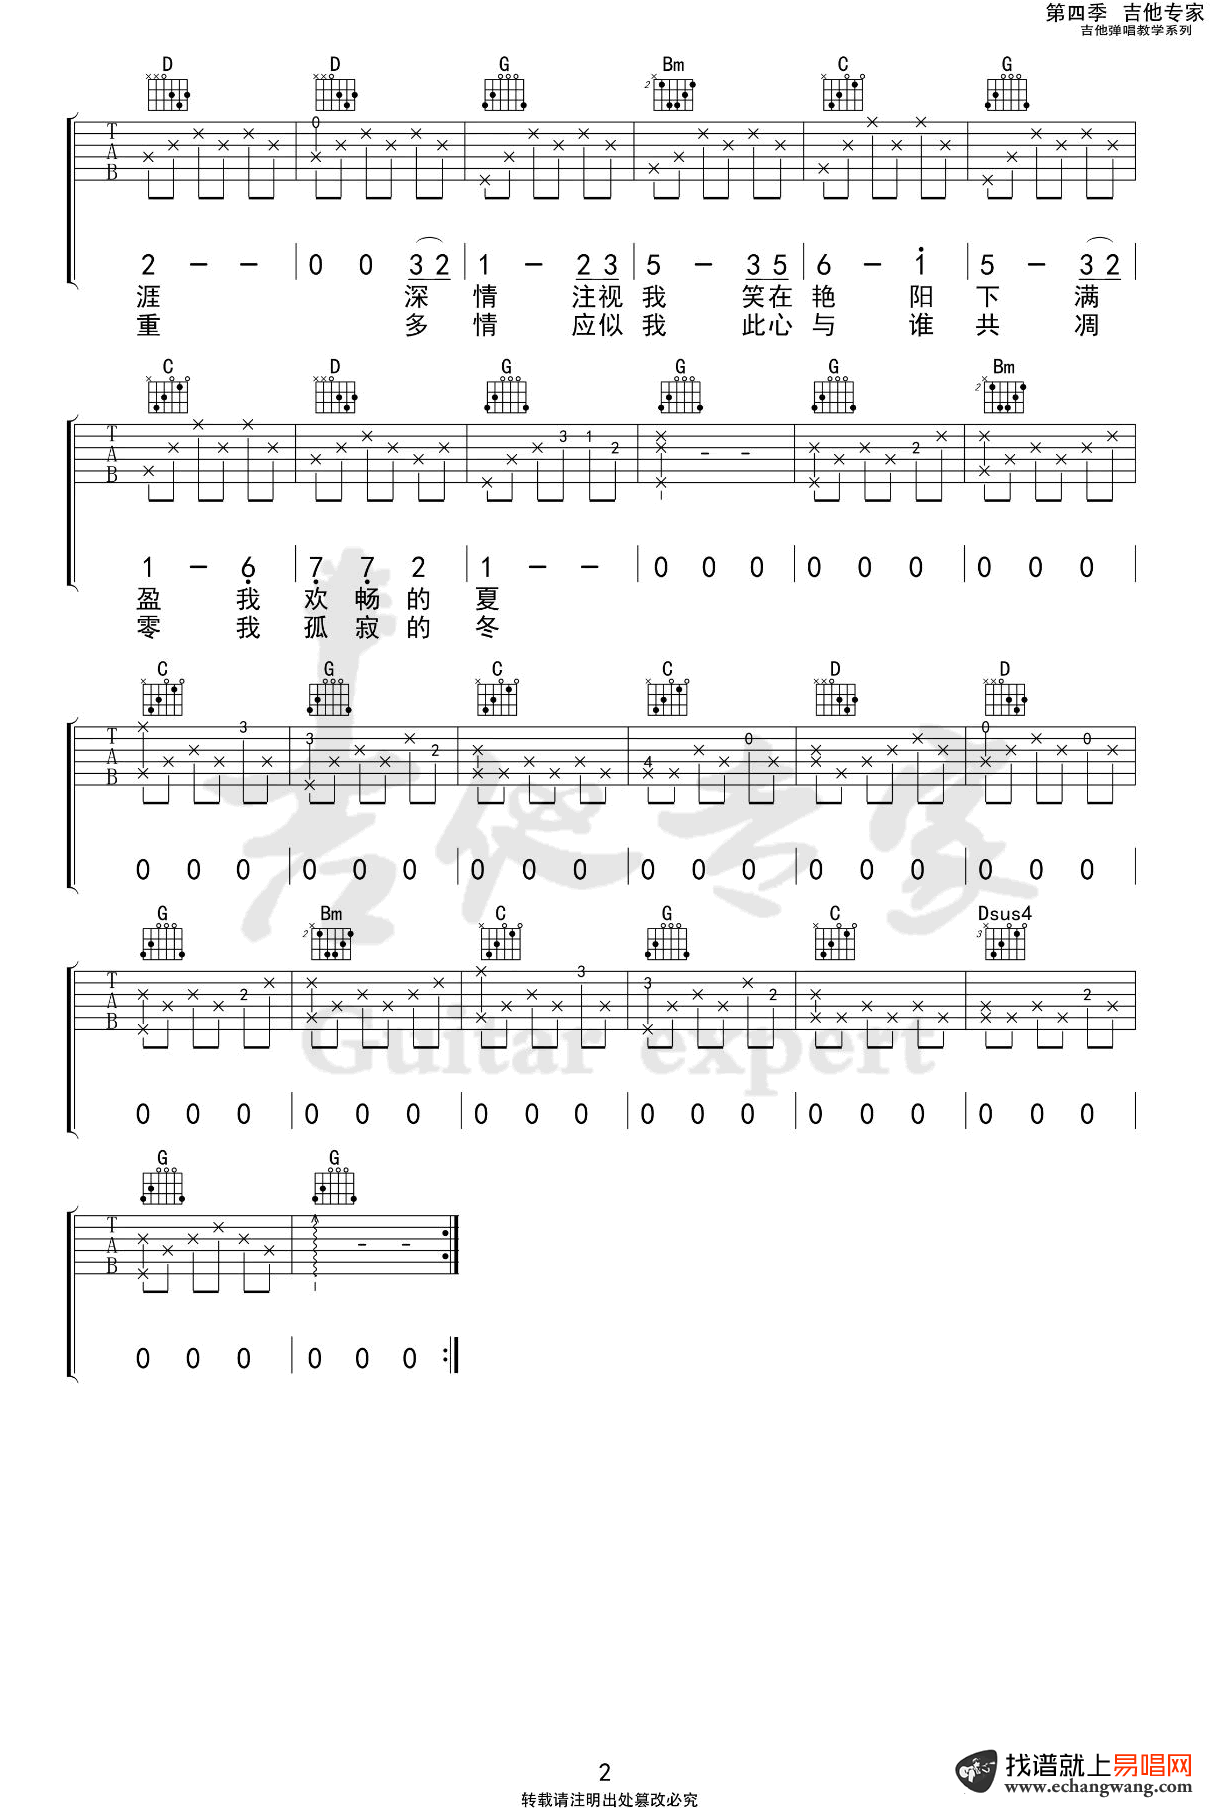 春夏秋冬吉他谱 图2